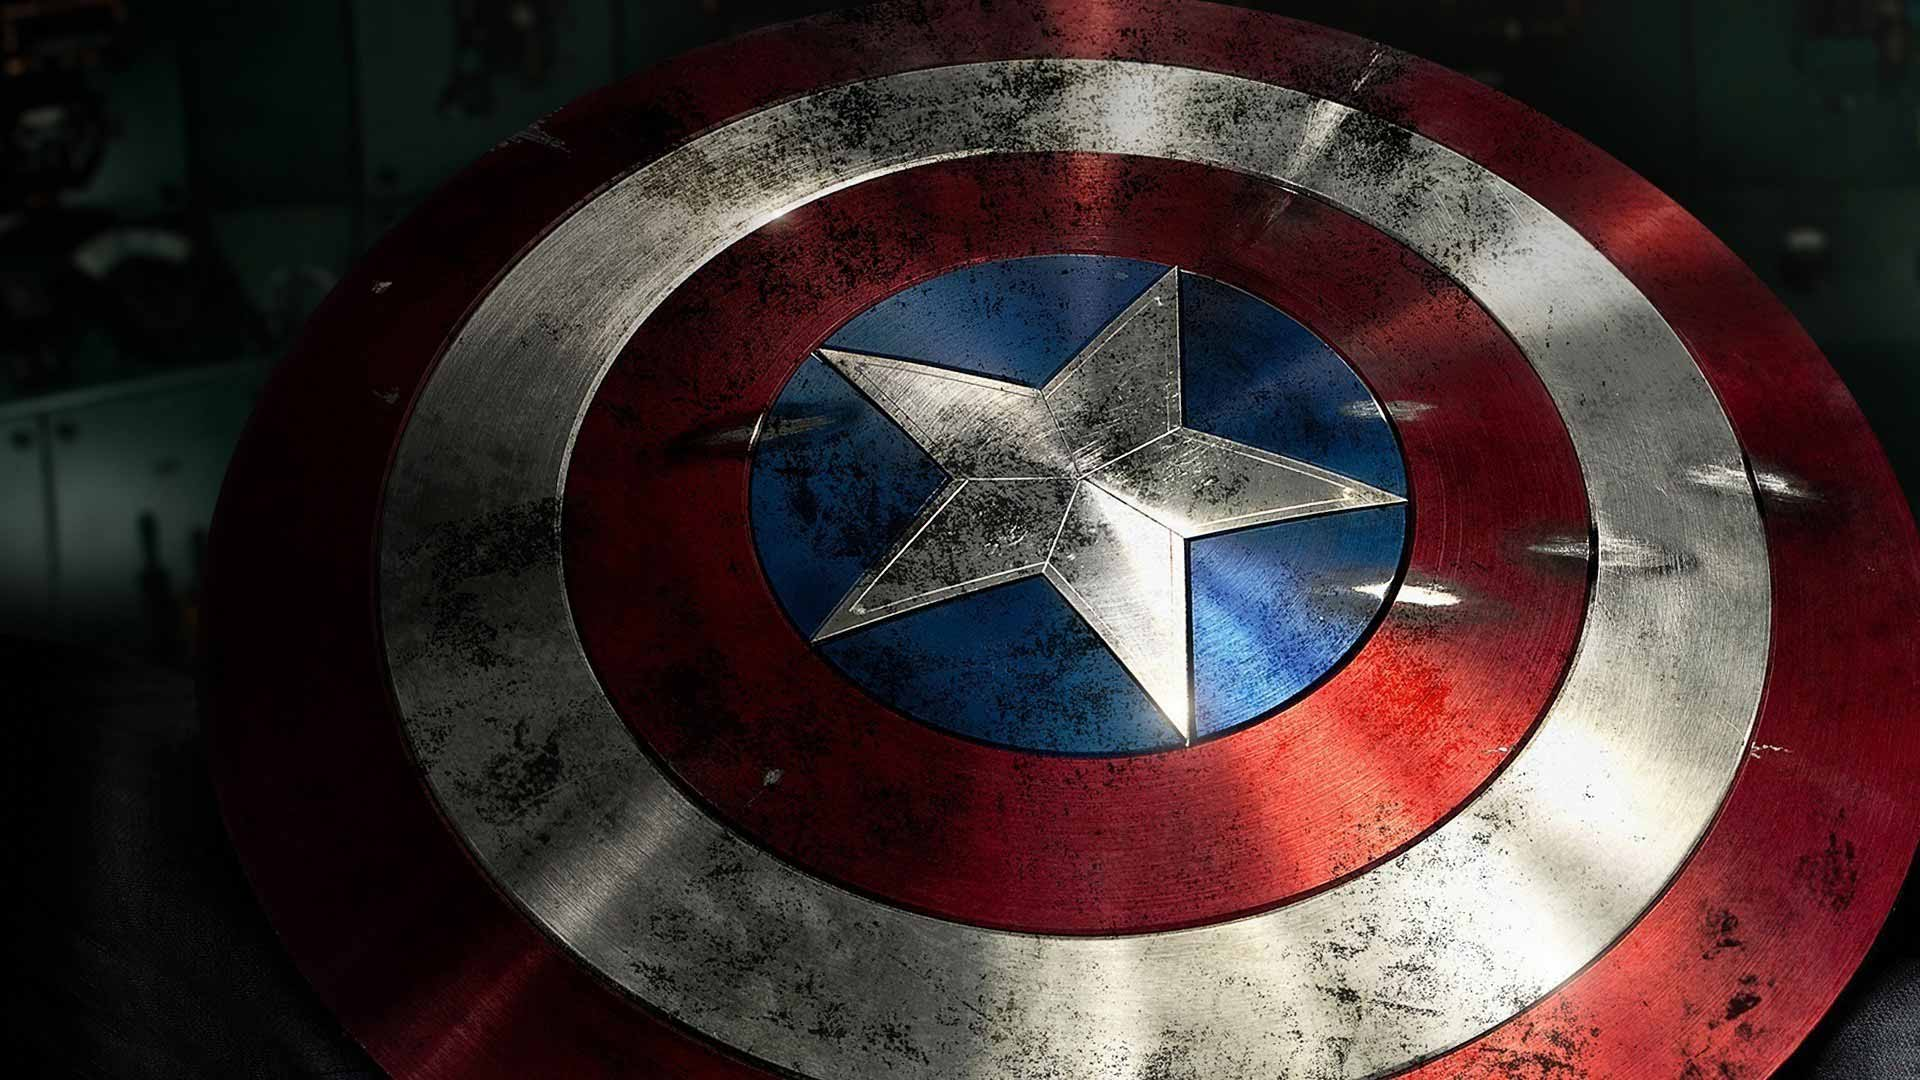 Captain America 3 to Start Filming in Atlanta Next April Krypton 1920x1080